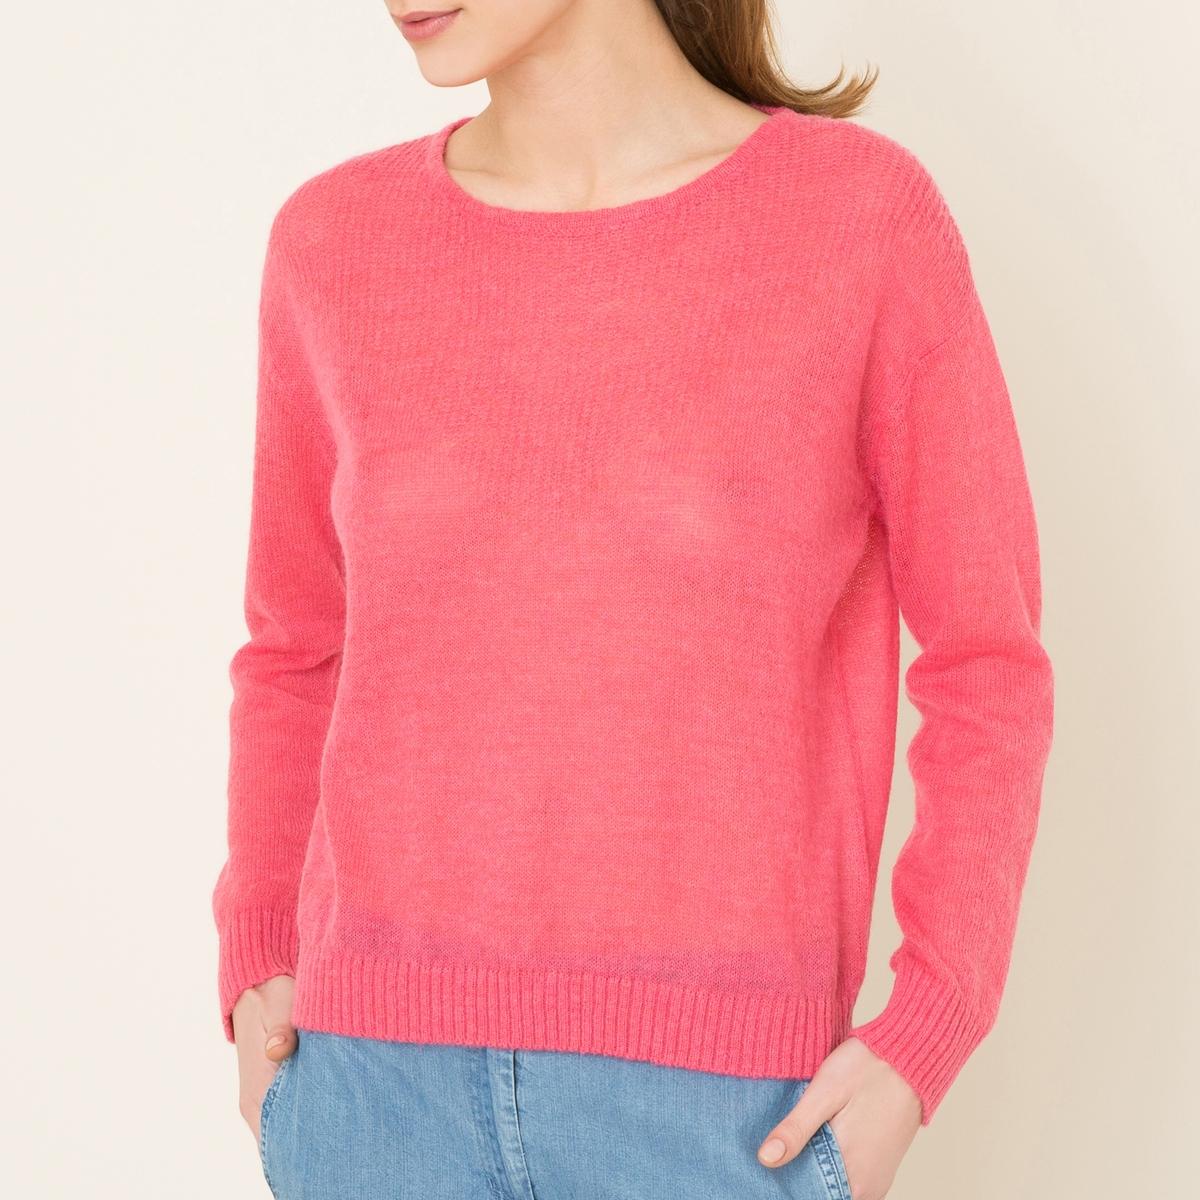 Пуловер с круглым вырезом NASHСостав и описание   Материал : 44% нейлона, 42% шерсти, 14% альпаки    Марка : LEON AND HARPER<br><br>Цвет: розовый<br>Размер: M